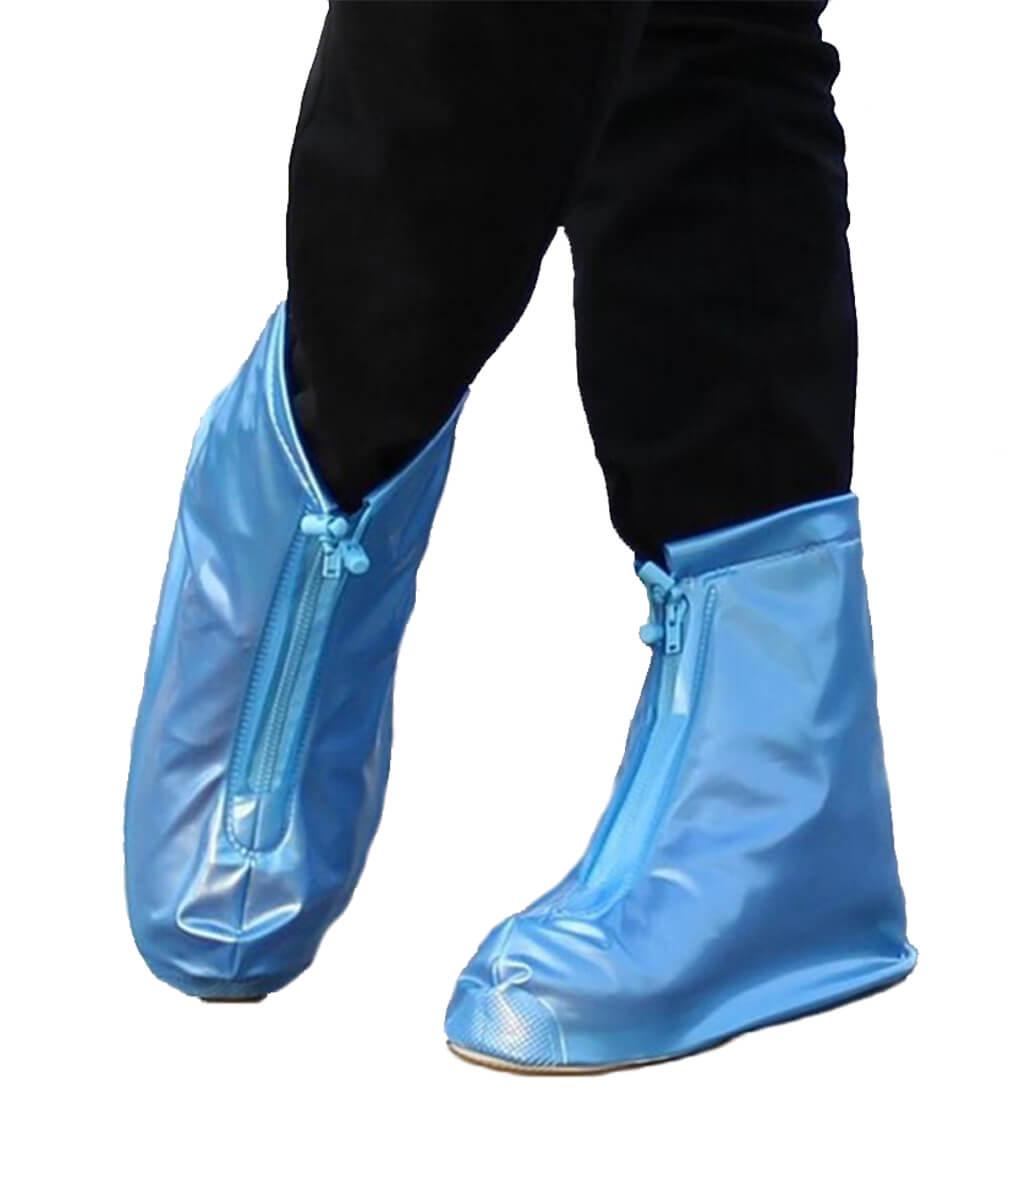 Waterproof Reusable Shoe Protectors